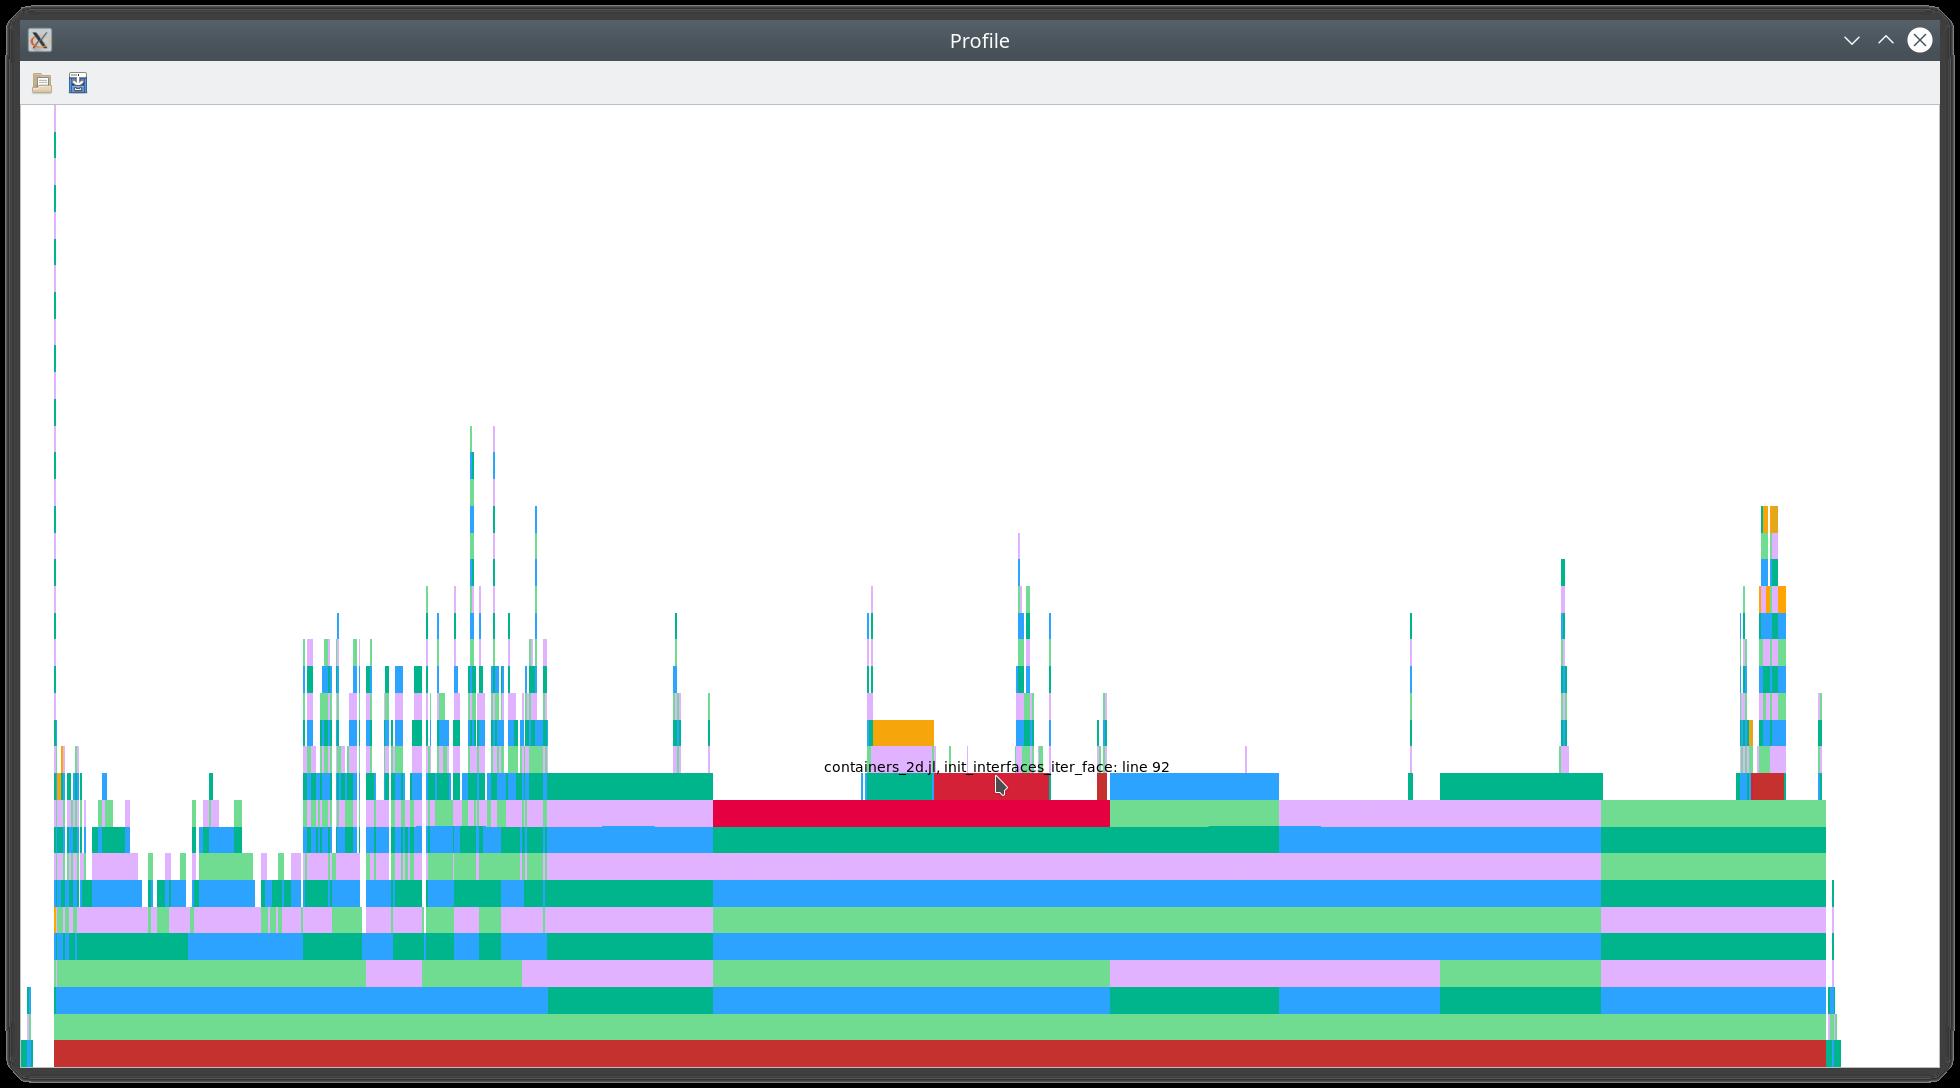 trixi_p4est_performance_profile_4